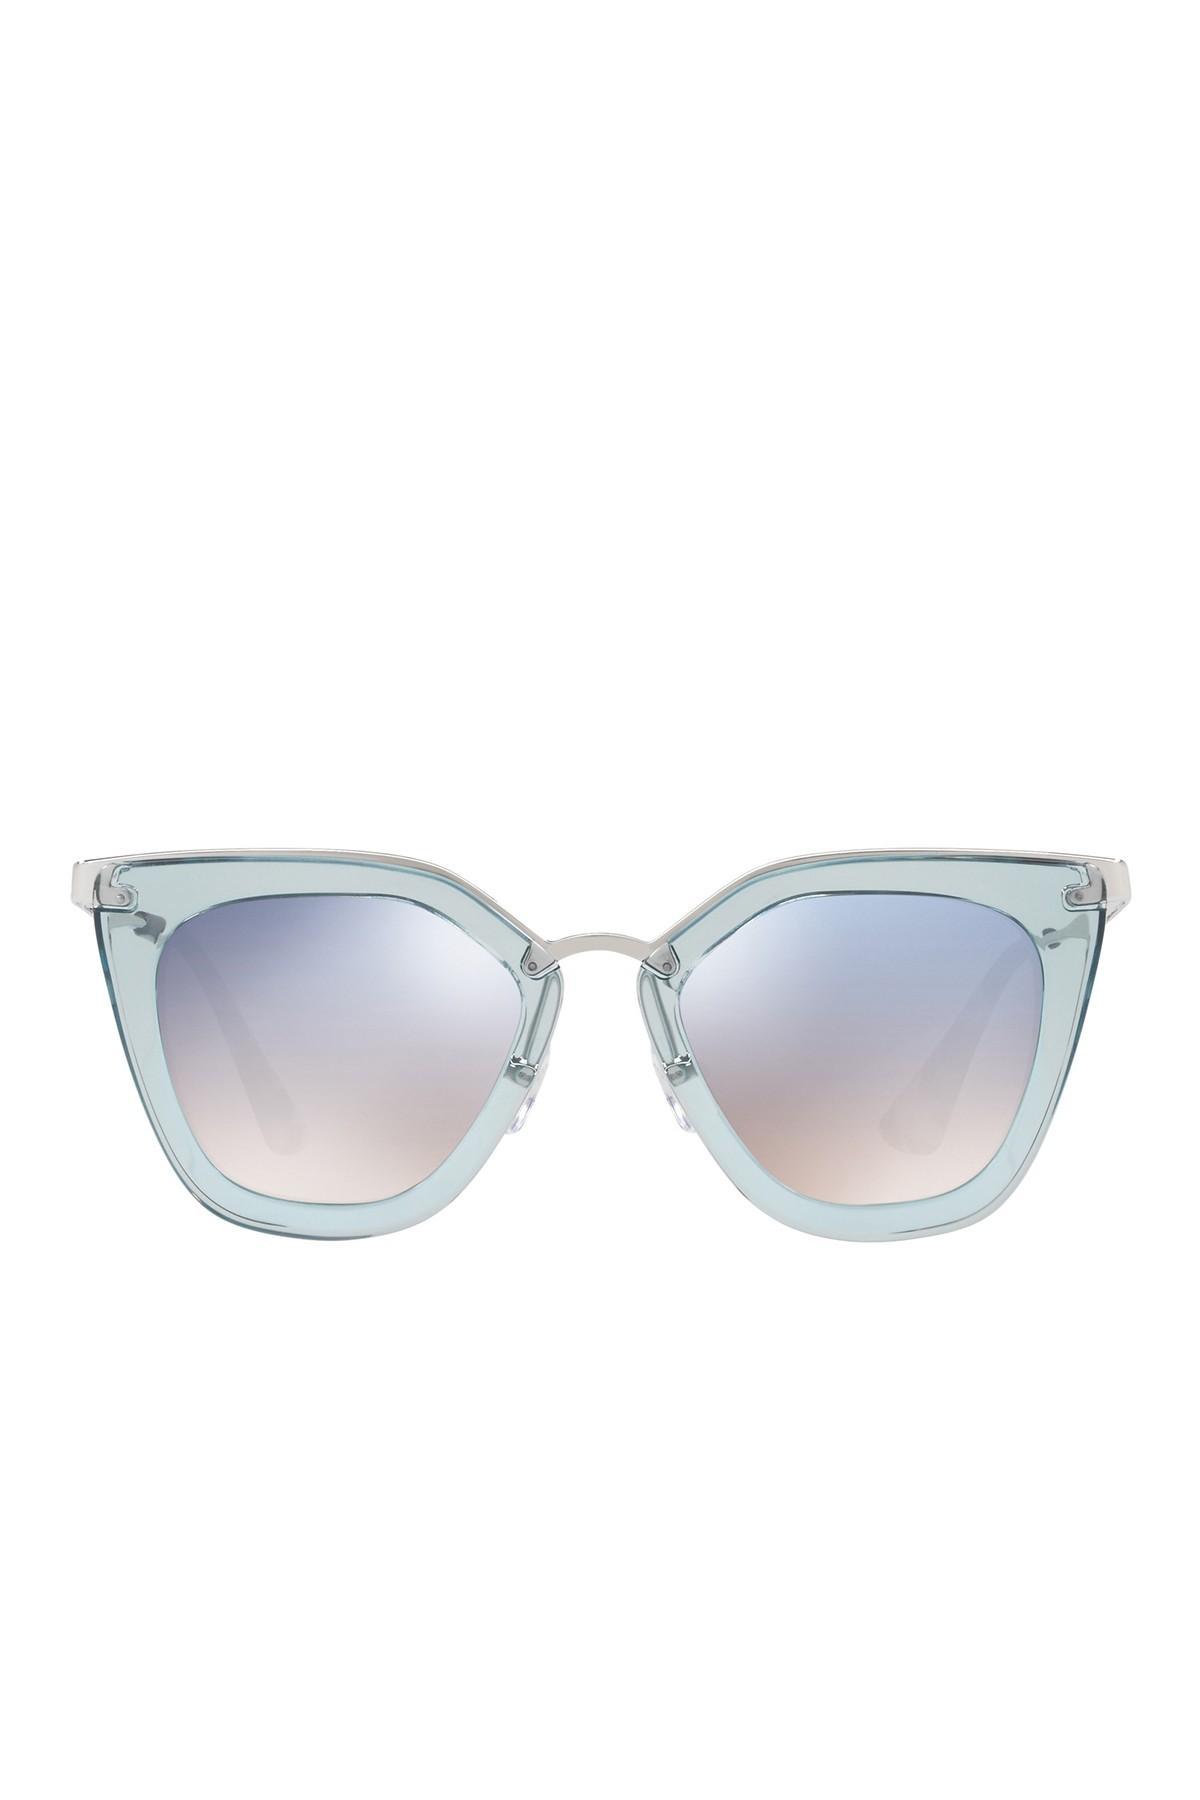 91e981cabef1 Prada - Blue 52mm Retro Sunglasses - Lyst. View fullscreen